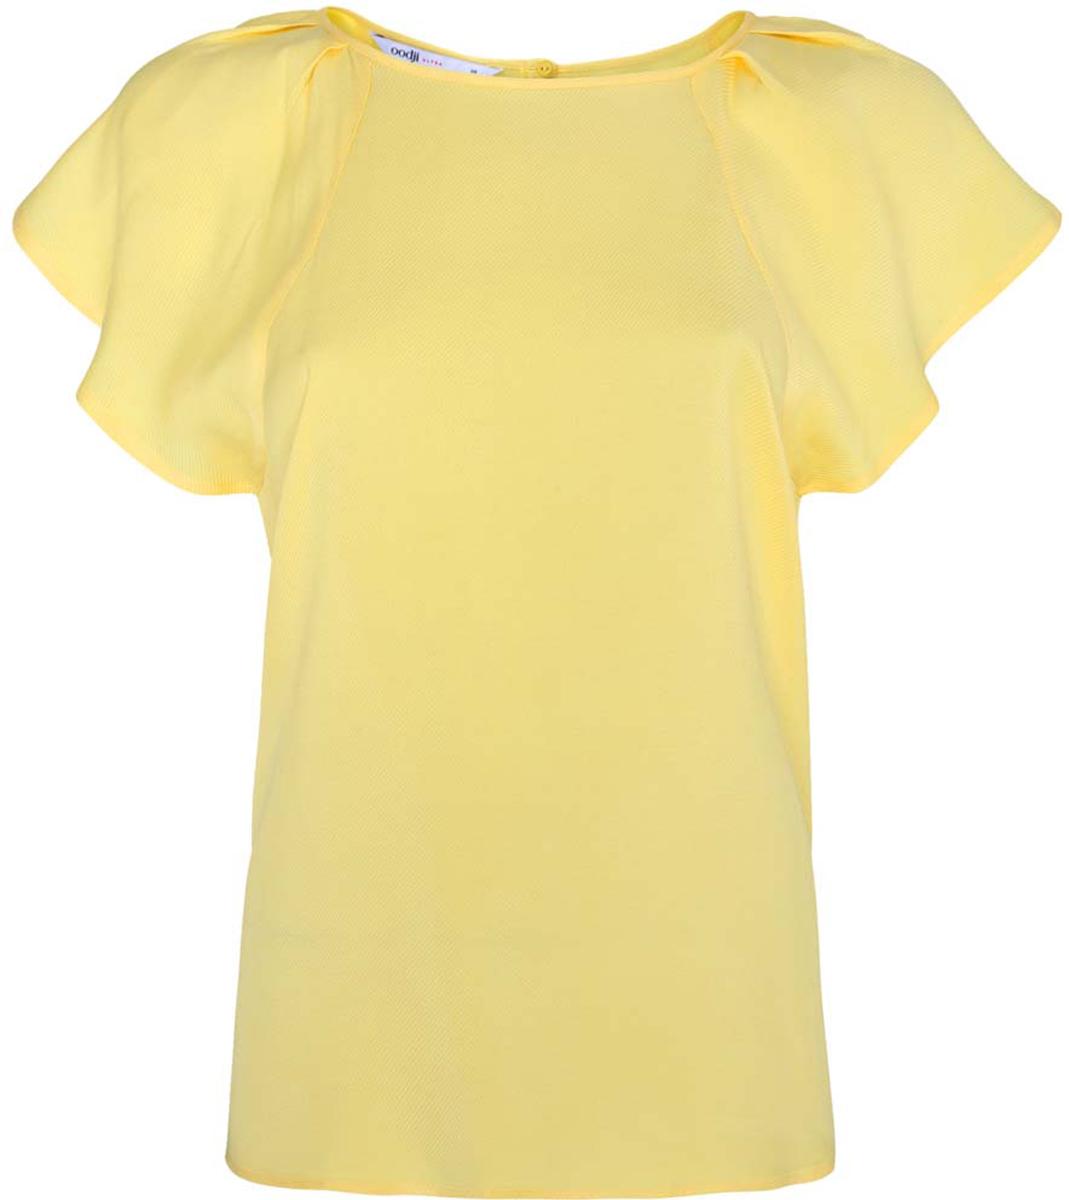 11411106/45542/7500NЖенская блузка oodji Ultra выполнена из вискозы. Модель с круглым вырезом горловины и рукавами-крылышками, на спинке застегивается на пуговицу.